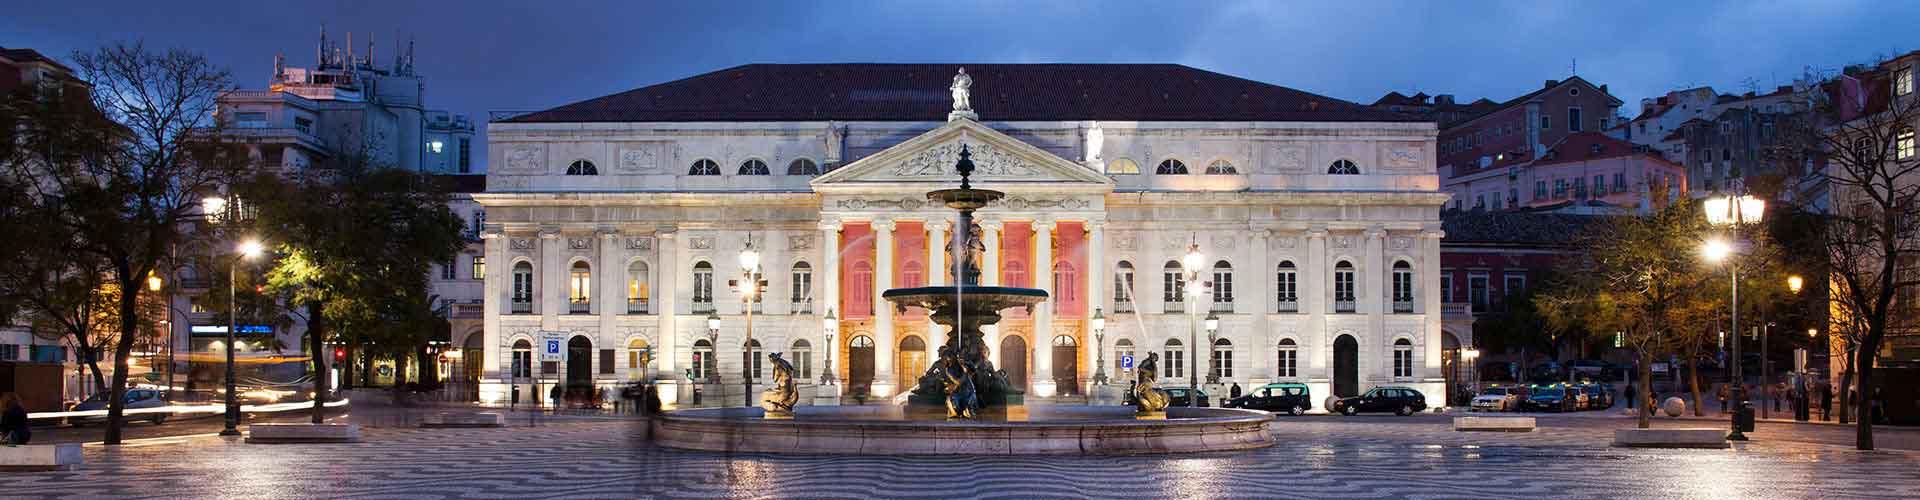 Lisbonne - Auberges de jeunesse près de Rossio avec Teatro Nacional D. Maria II. Cartes pour Lisbonne, photos et commentaires pour chaque auberge de jeunesse à Lisbonne.